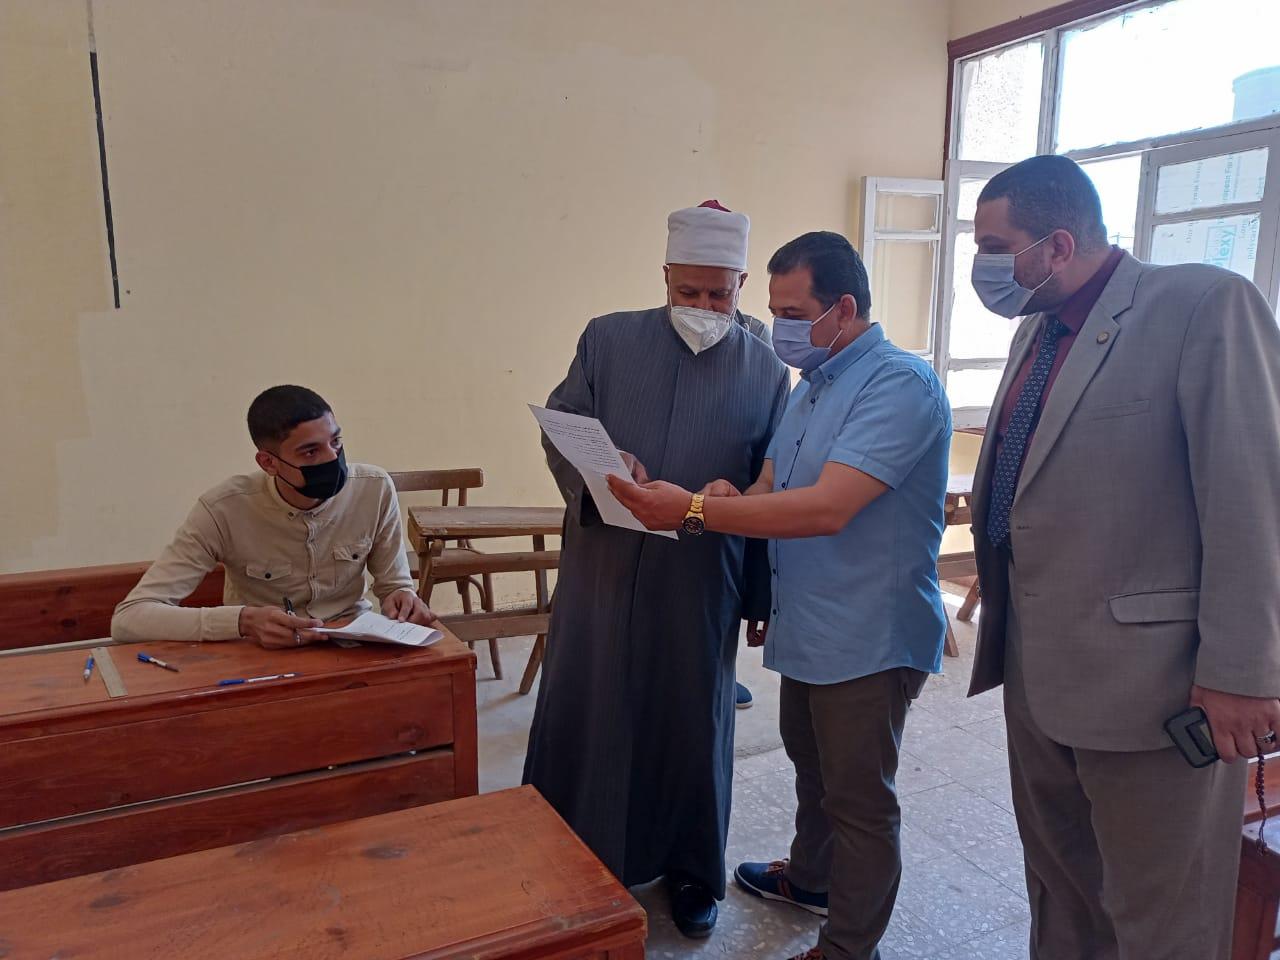 نائب رئيس جامعة الأزهر يتفقد لجان امتحانات كليات تفهنا الأشراف في زيارة مفاجئة